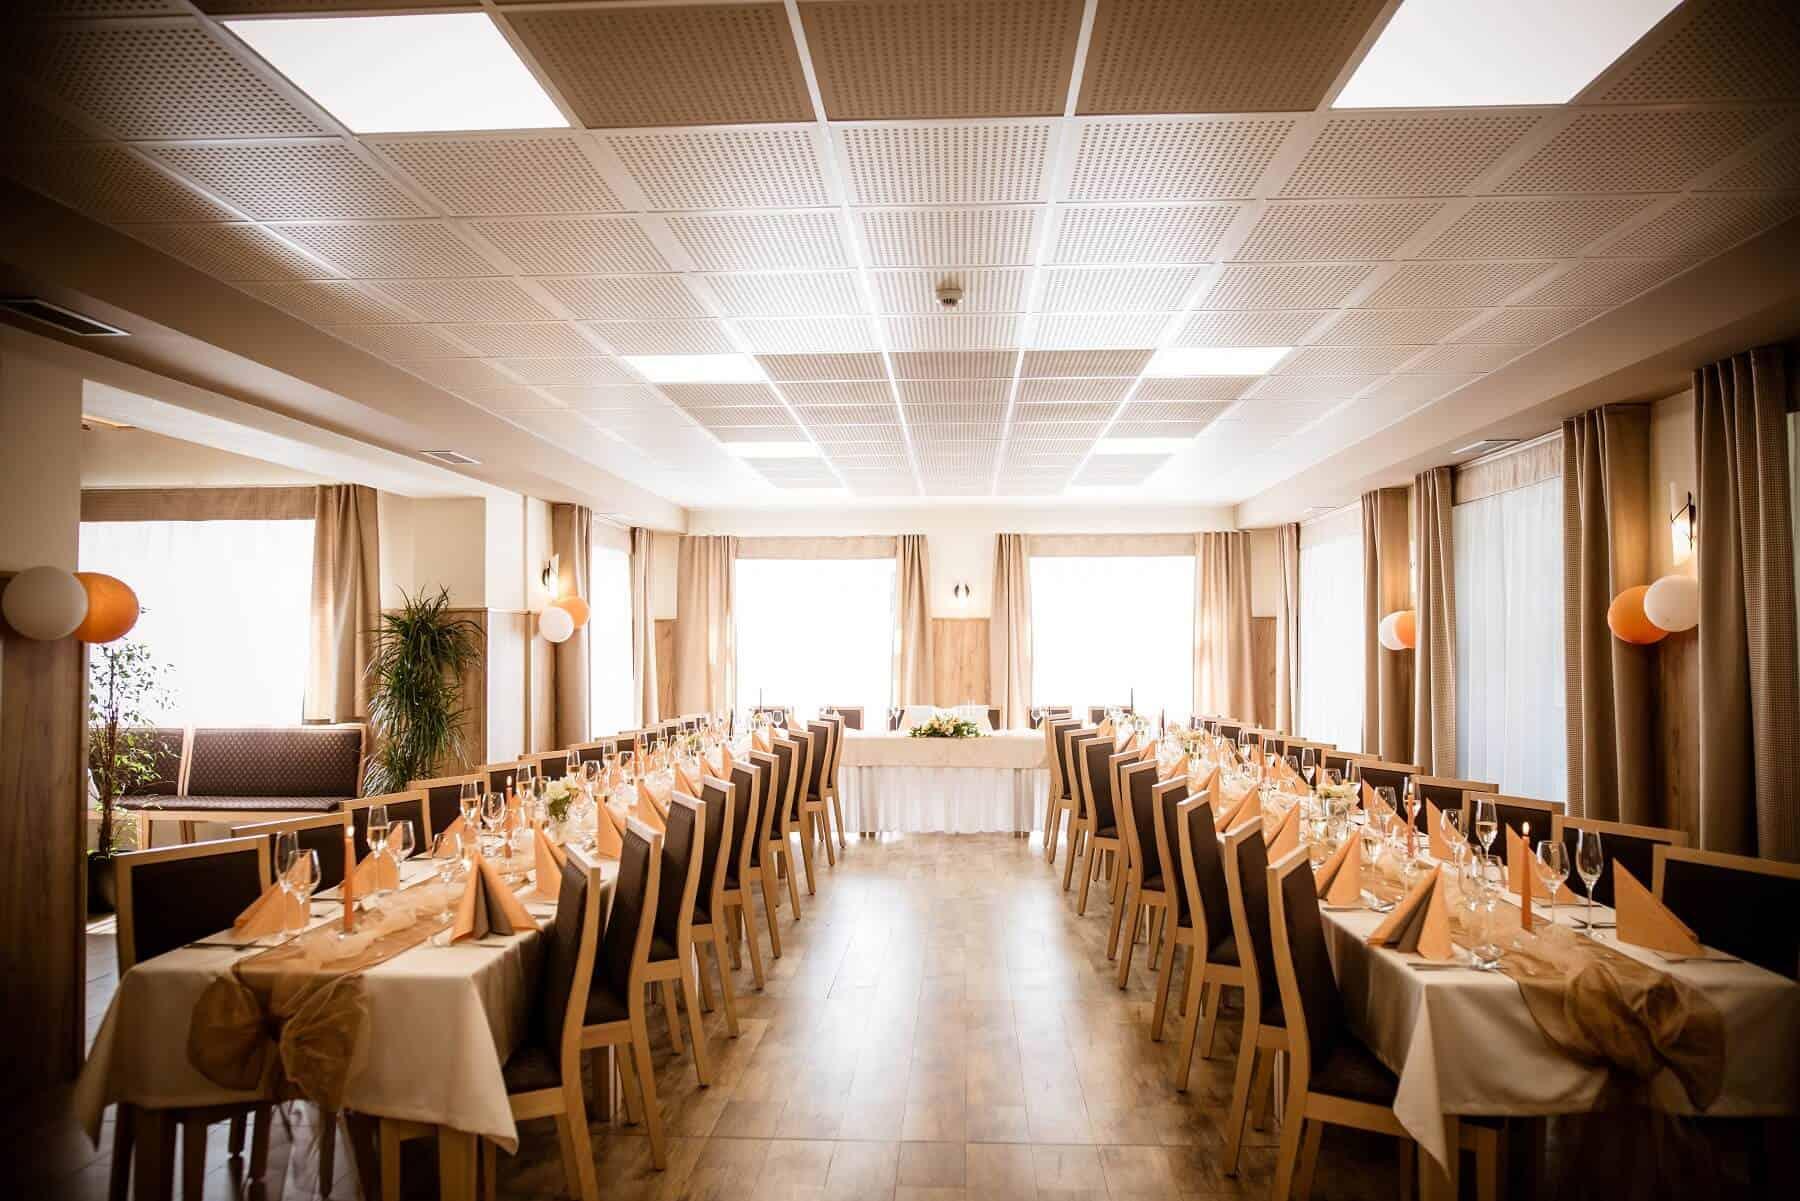 Hotel Hluboký Dvůr - svatevbí hostina